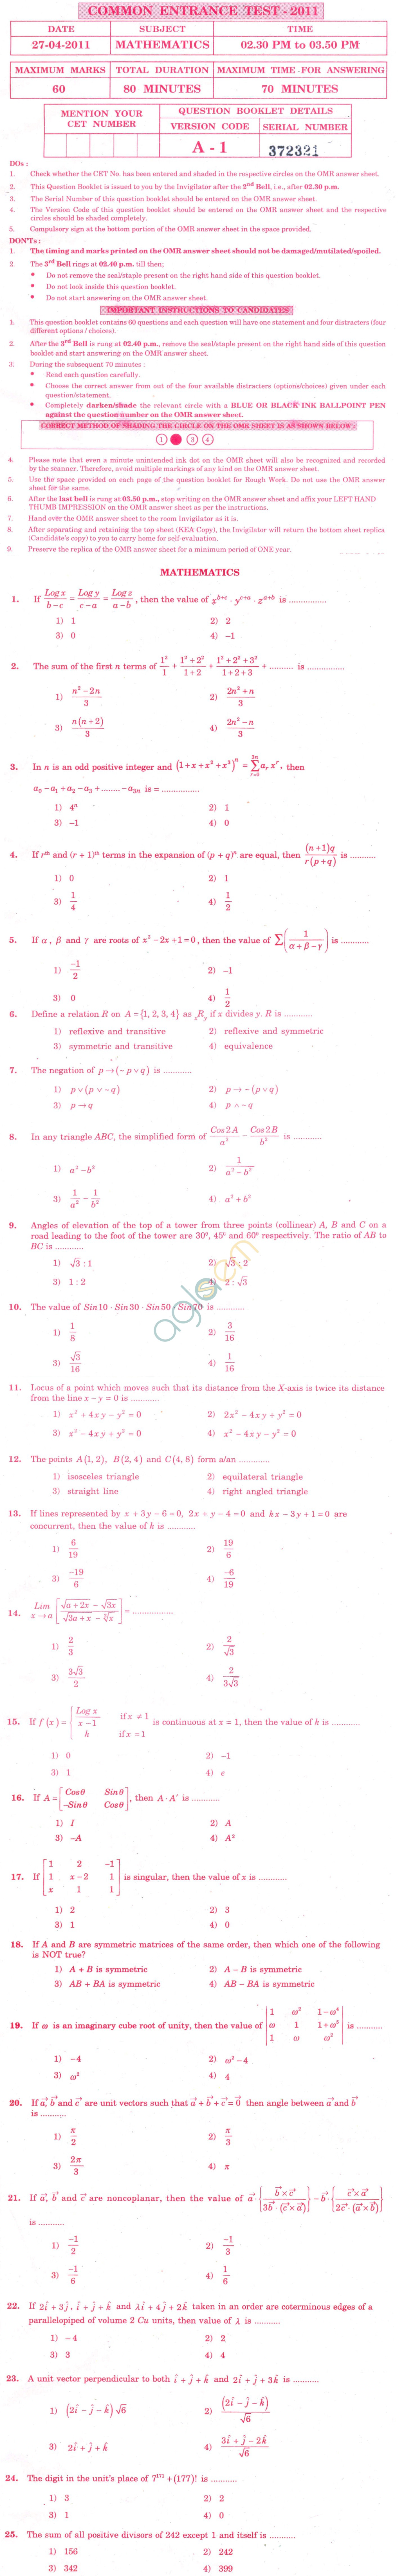 KCET 2011 Question Paper - Maths